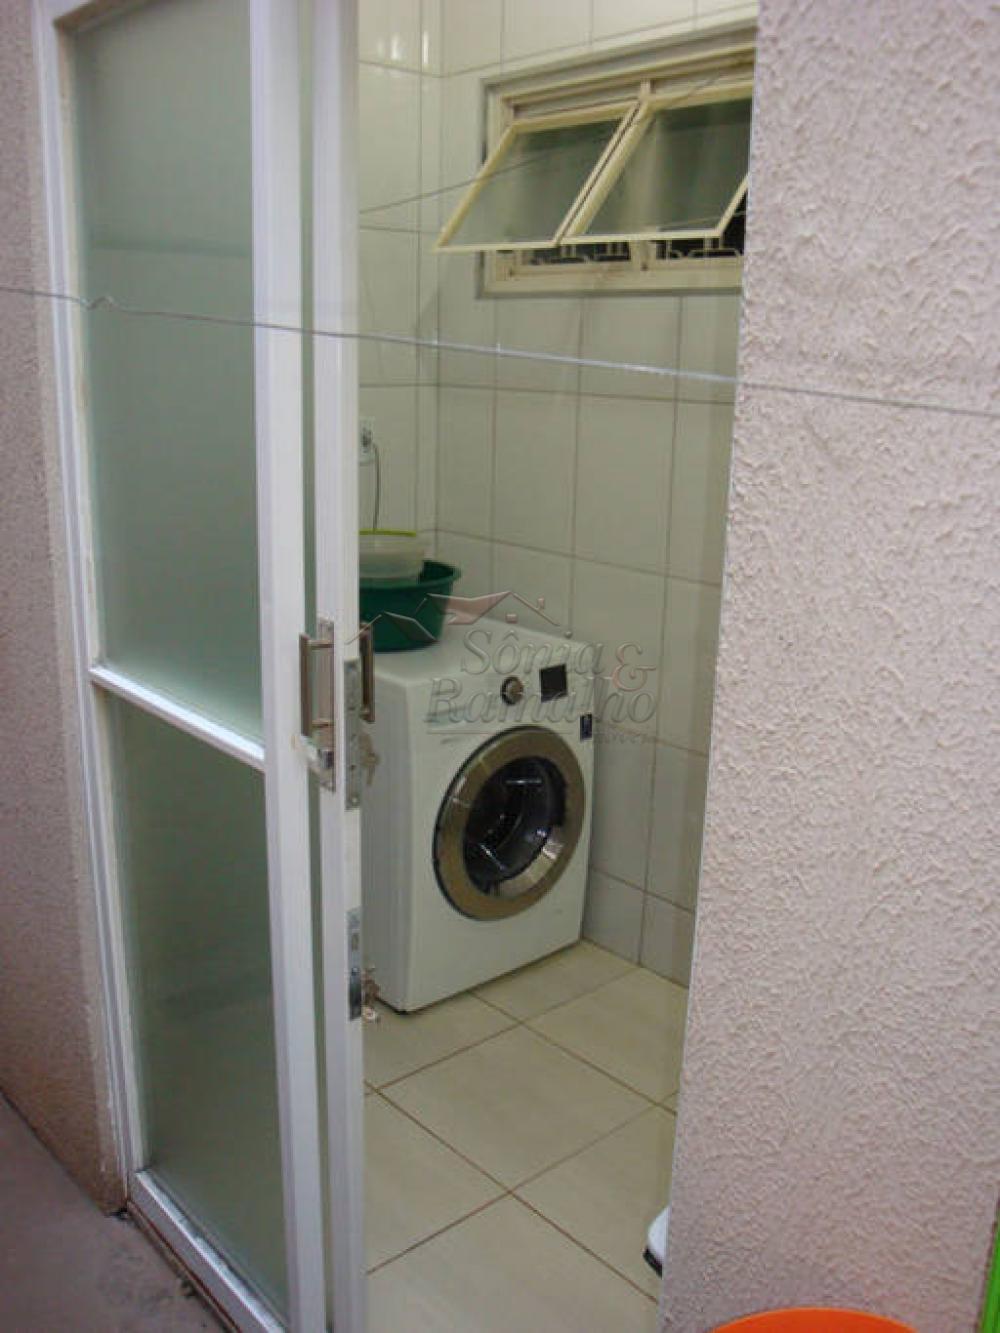 Comprar Apartamentos / Padrão em Ribeirão Preto apenas R$ 210.000,00 - Foto 12